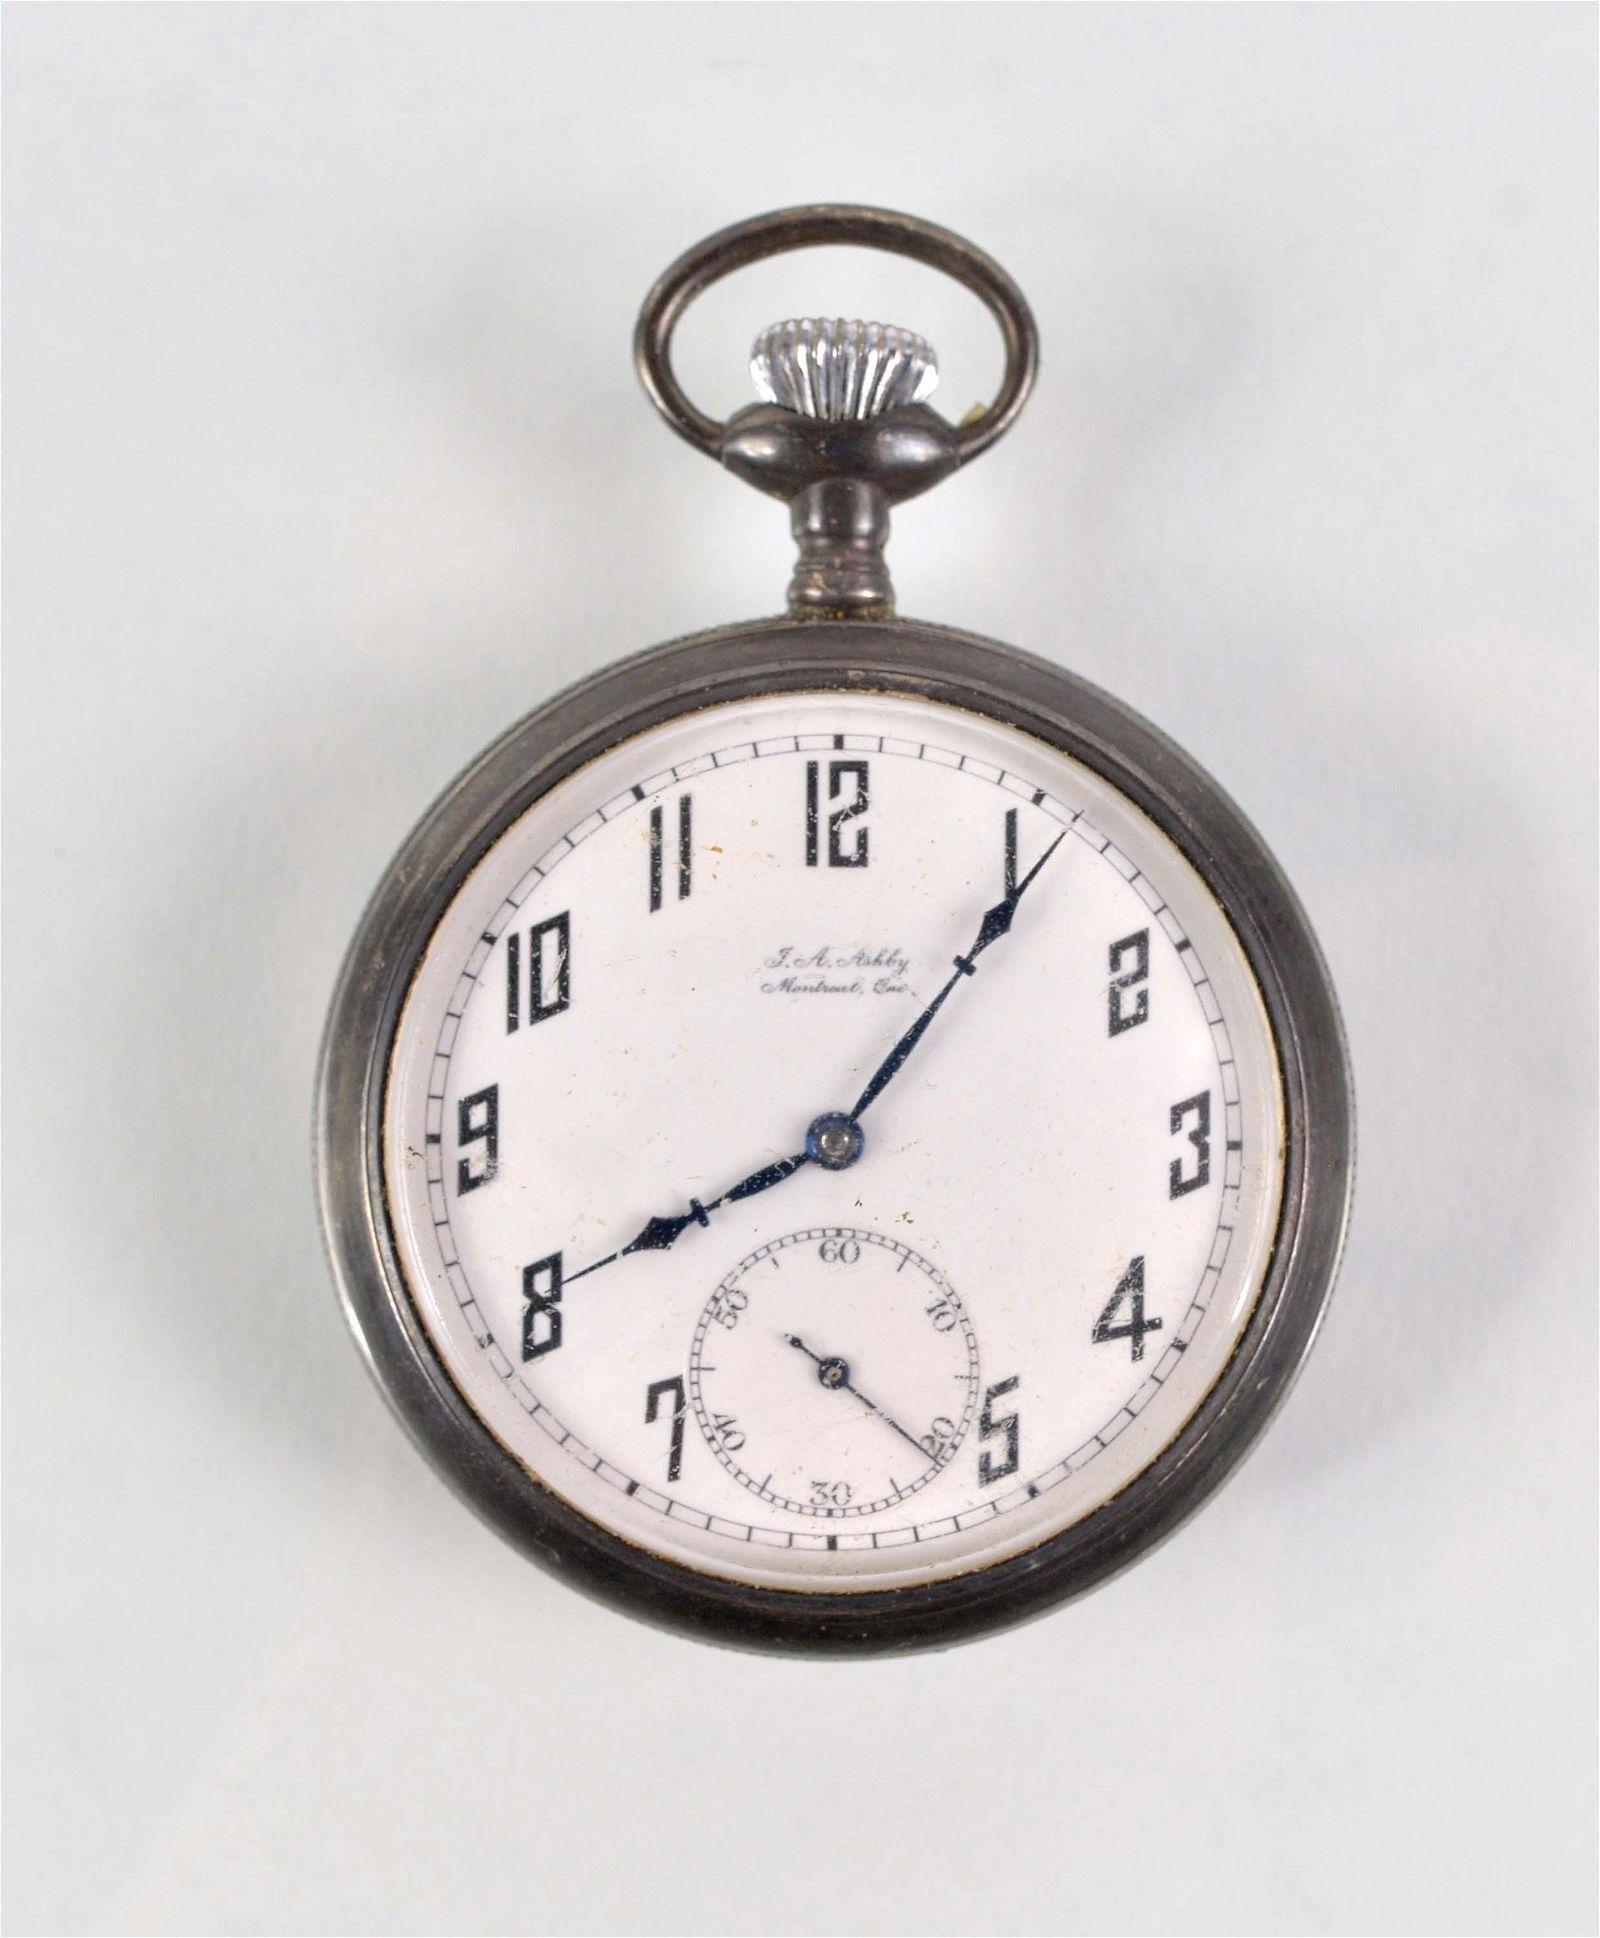 Longines - Montréal pocket watch - 1920